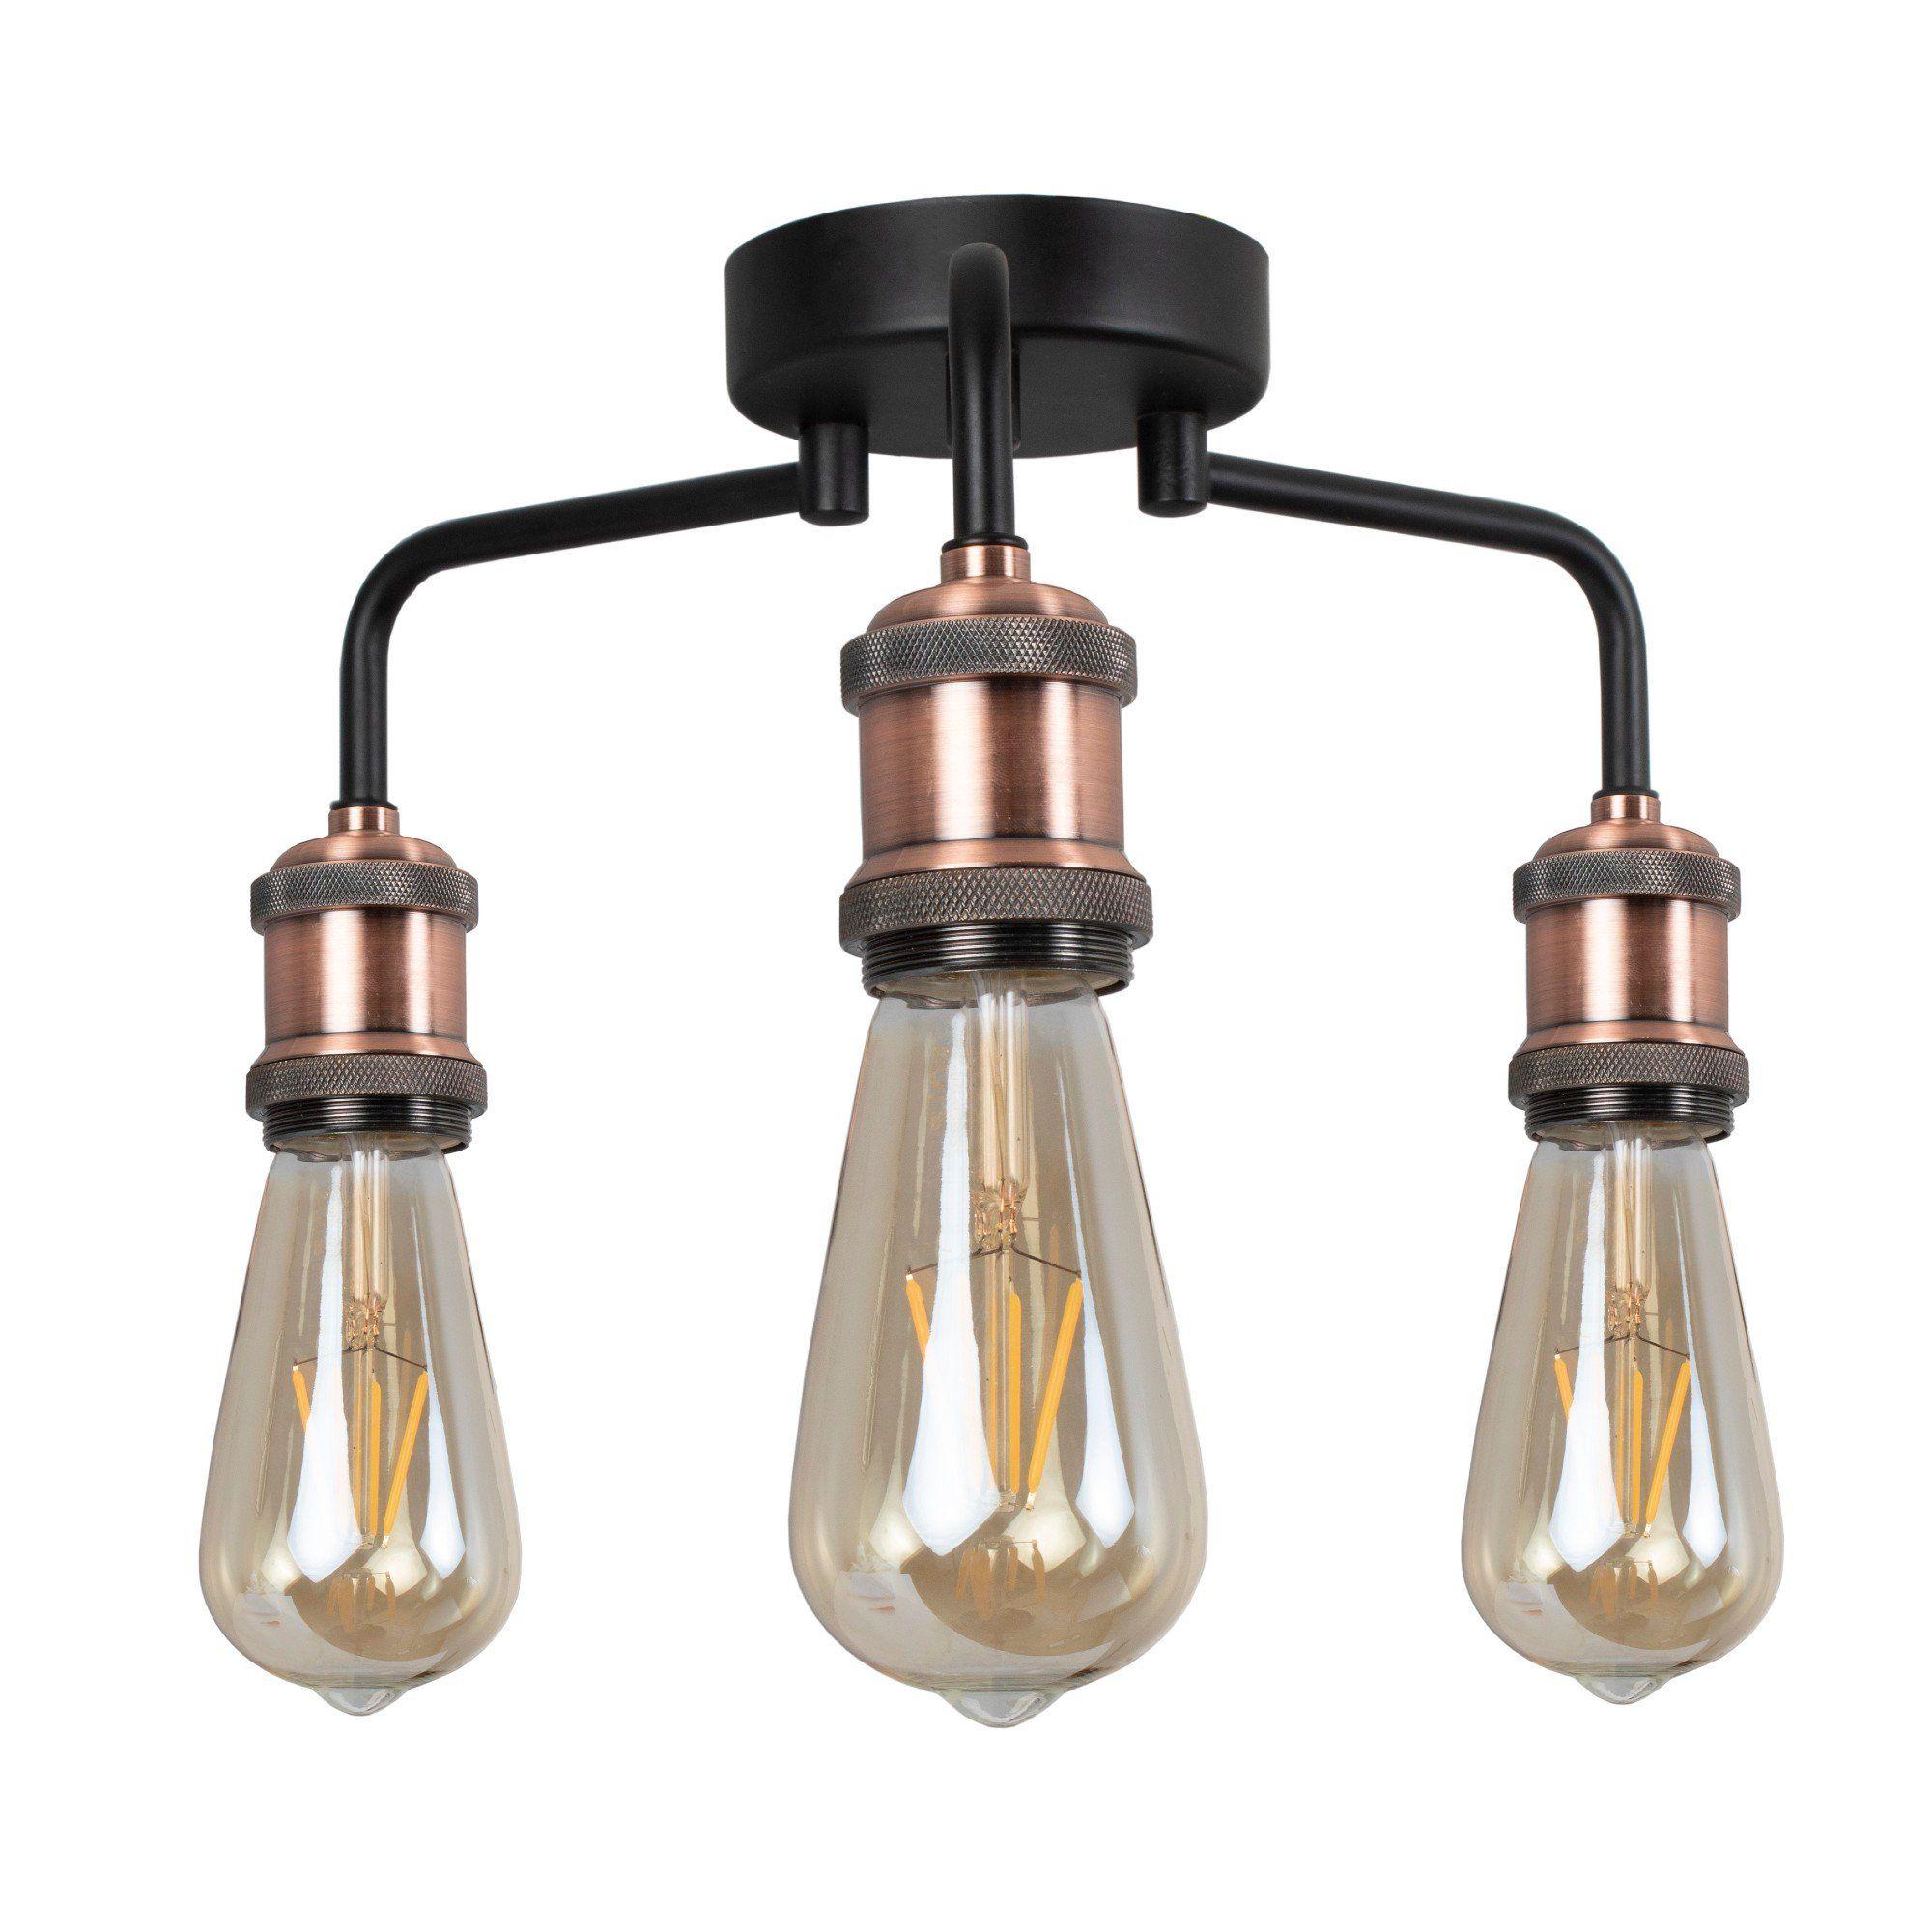 Clark Matt Black and Copper 3 Light Semi Flush Ceiling Light